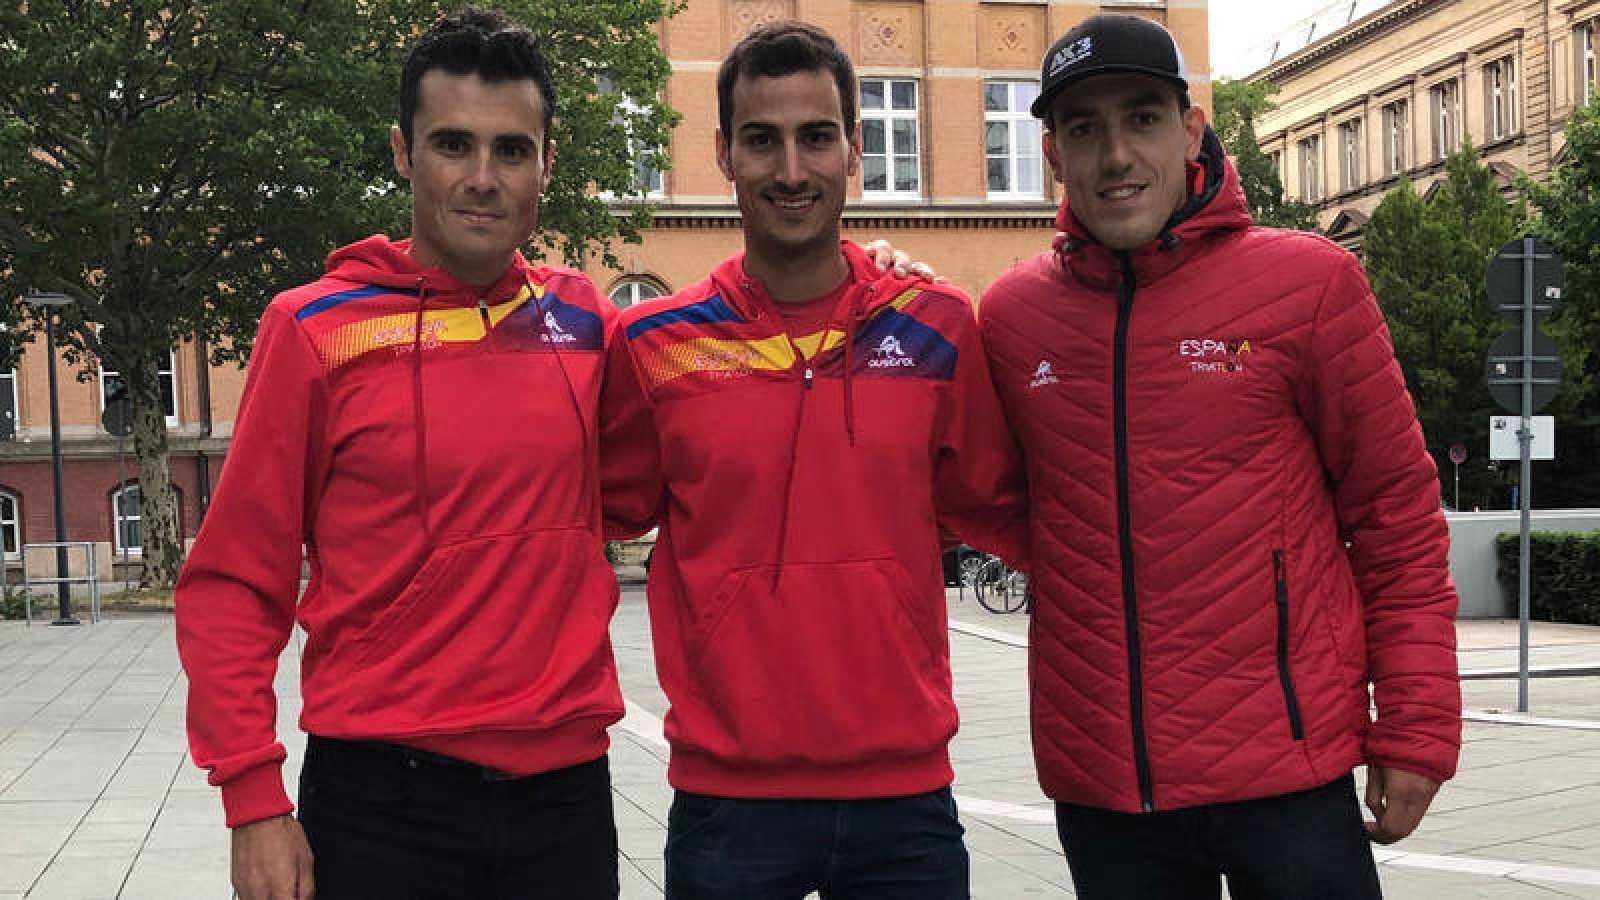 Los triatletas españoles Javier Gómez Noya (i), Mario Mola (c) y Fernando Alarza (d).